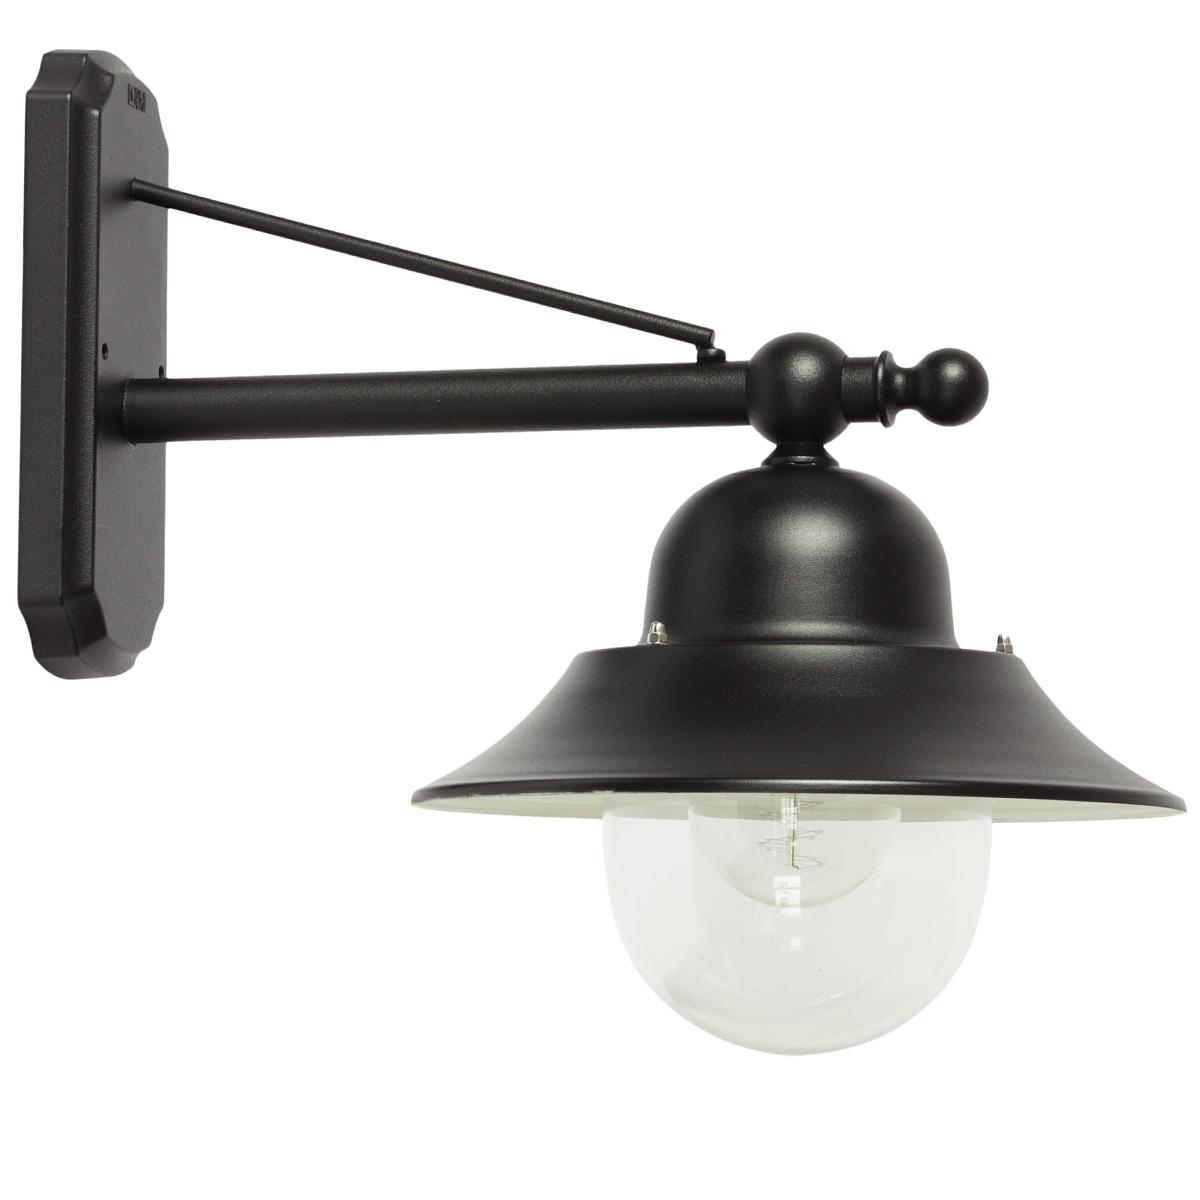 industriestil wandlampe f r au en mit makrolon glas. Black Bedroom Furniture Sets. Home Design Ideas